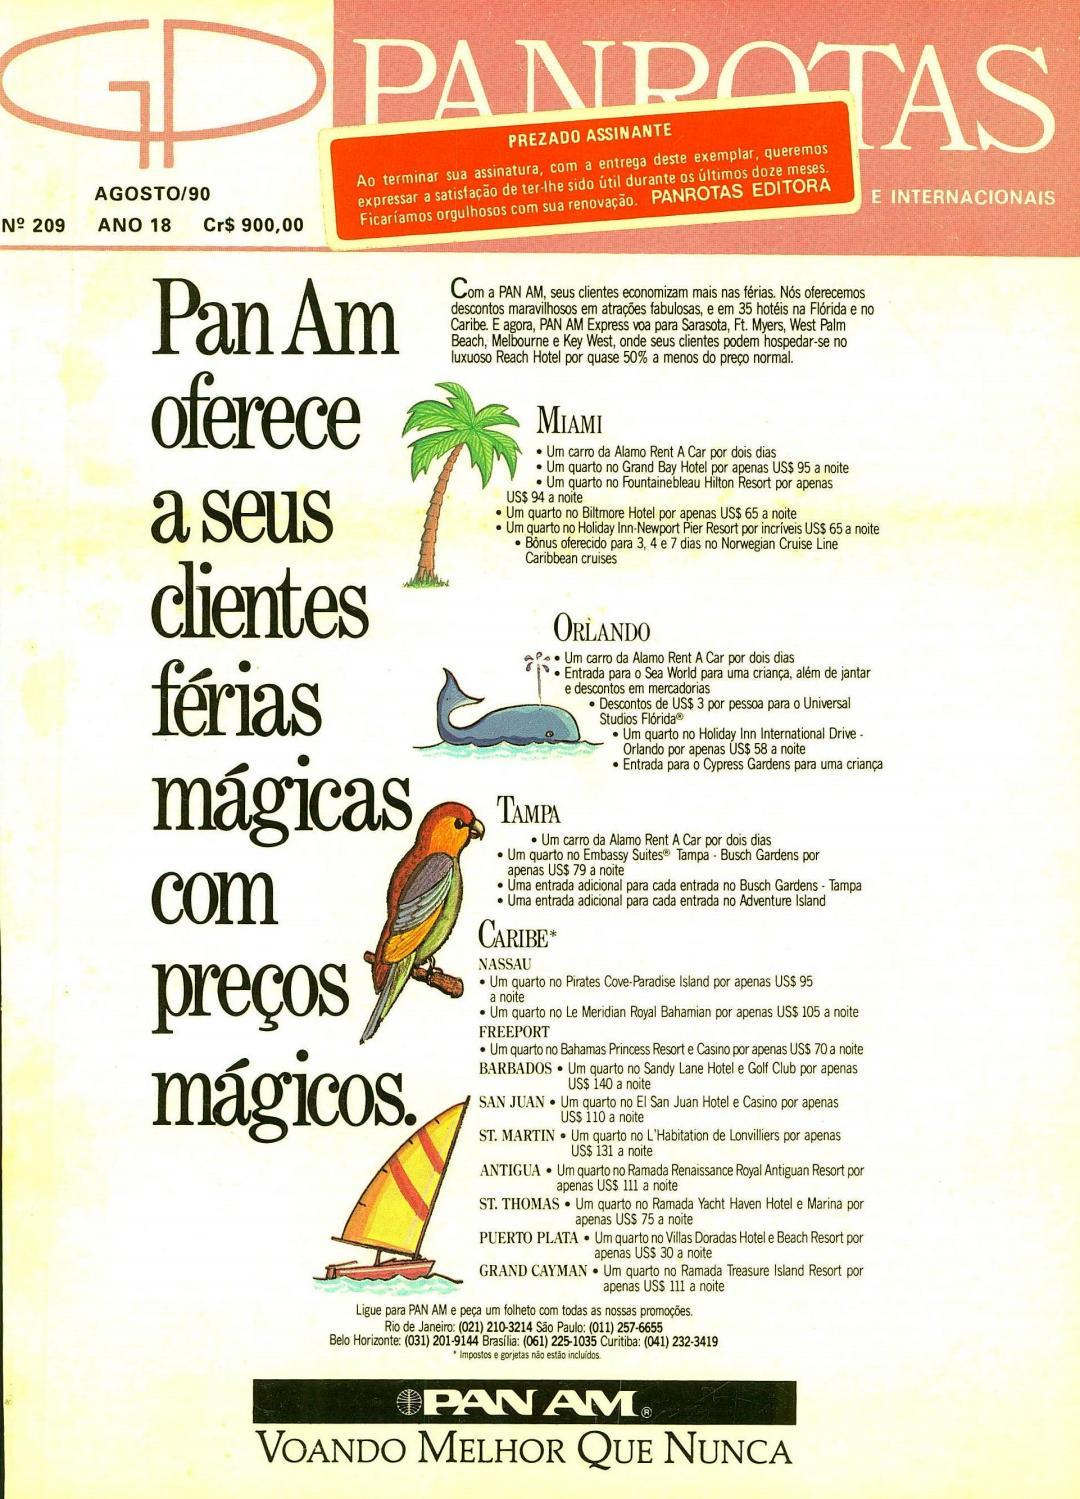 802b6b575dac3 Guia PANROTAS - Edição 209 - Agosto 1990 by PANROTAS Editora - issuu